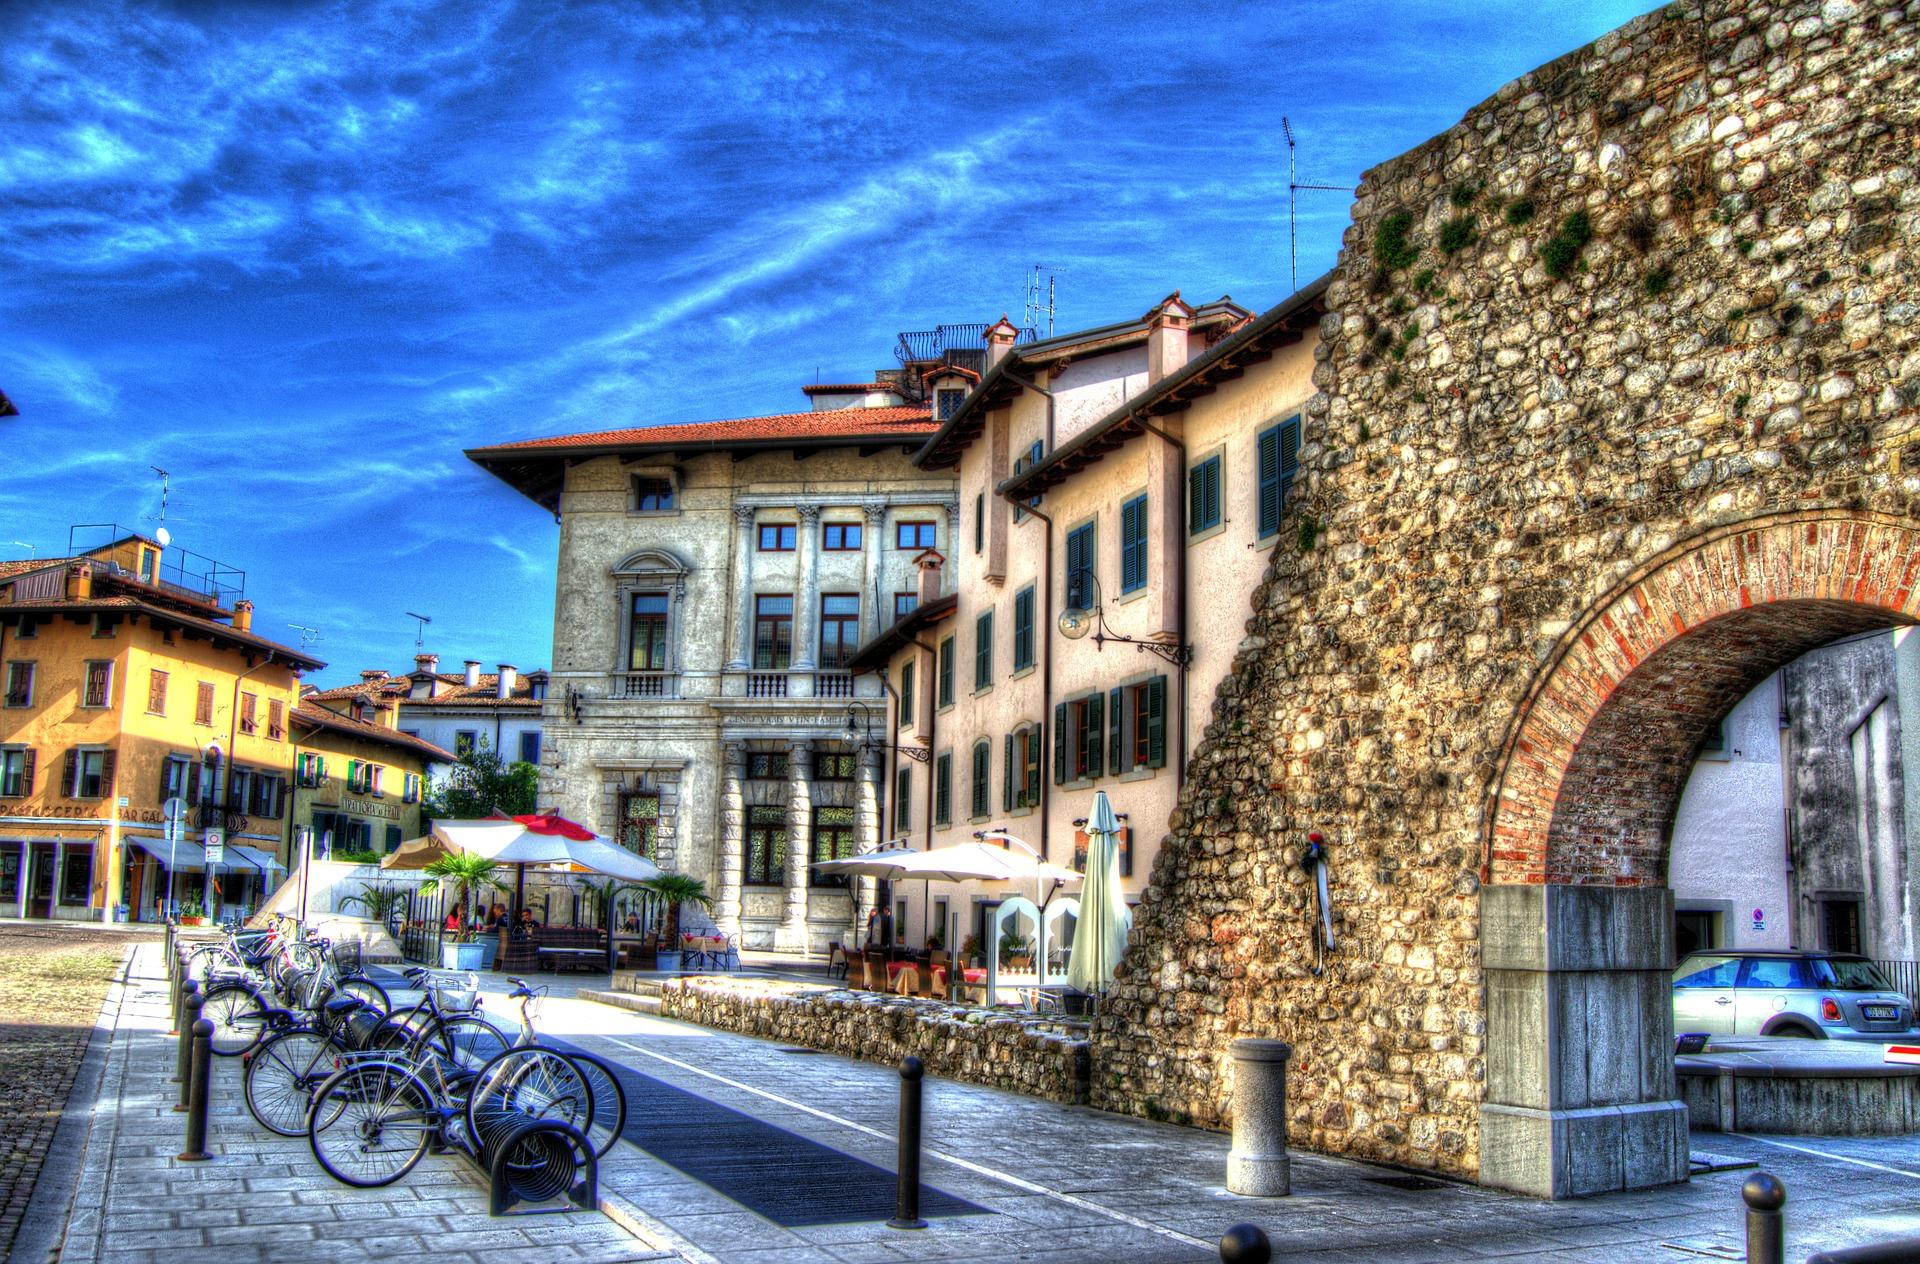 Le migliori attrazioni da vedere a Udine